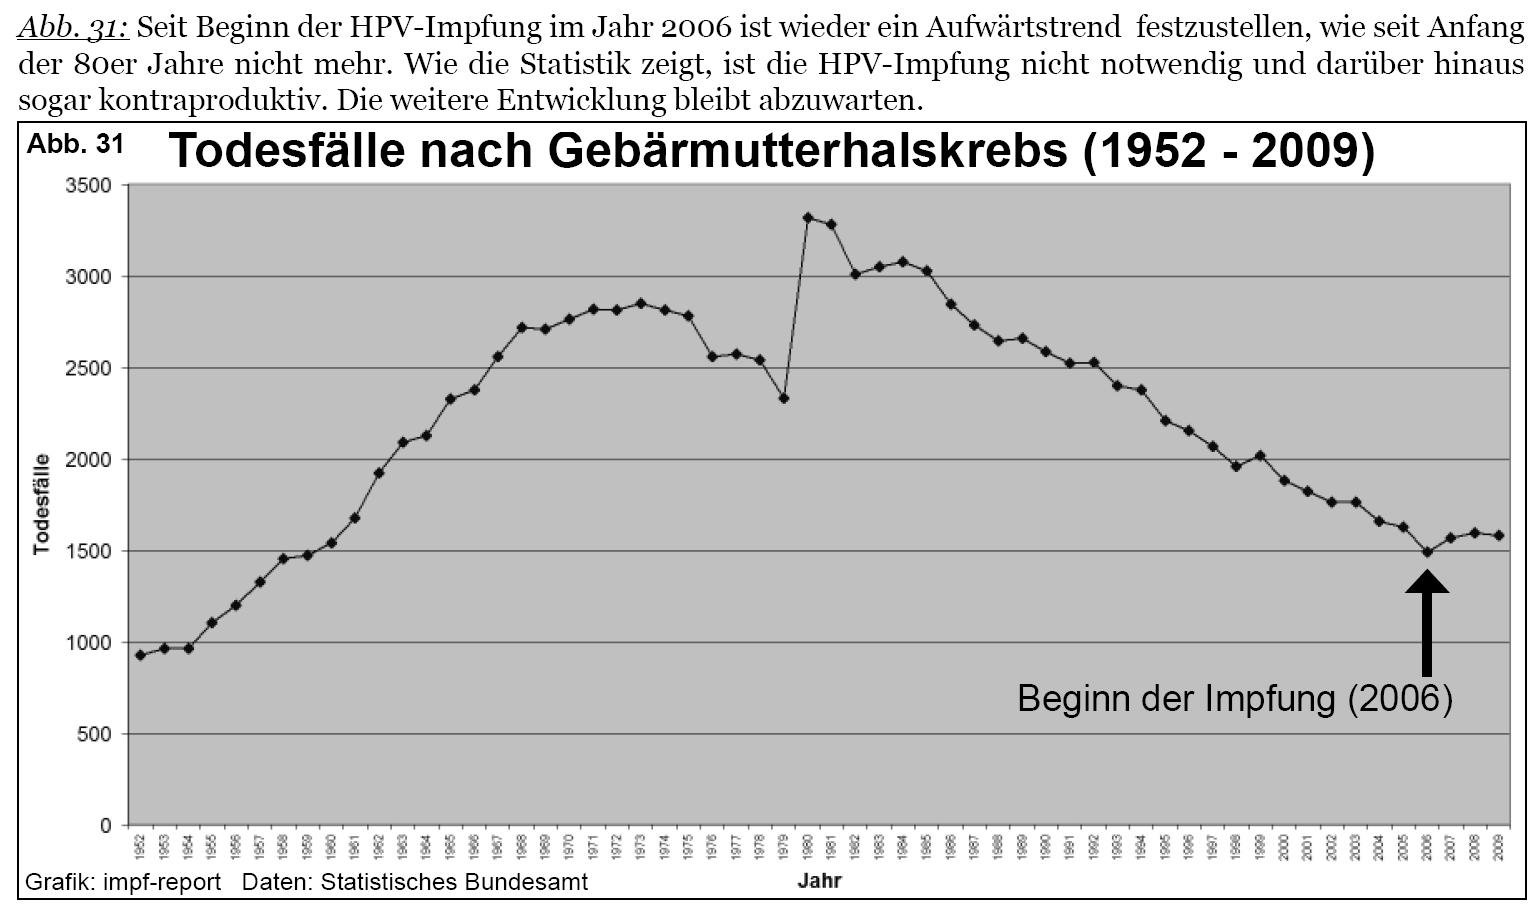 Hpv impfung jungen medikament, Pharmakologie